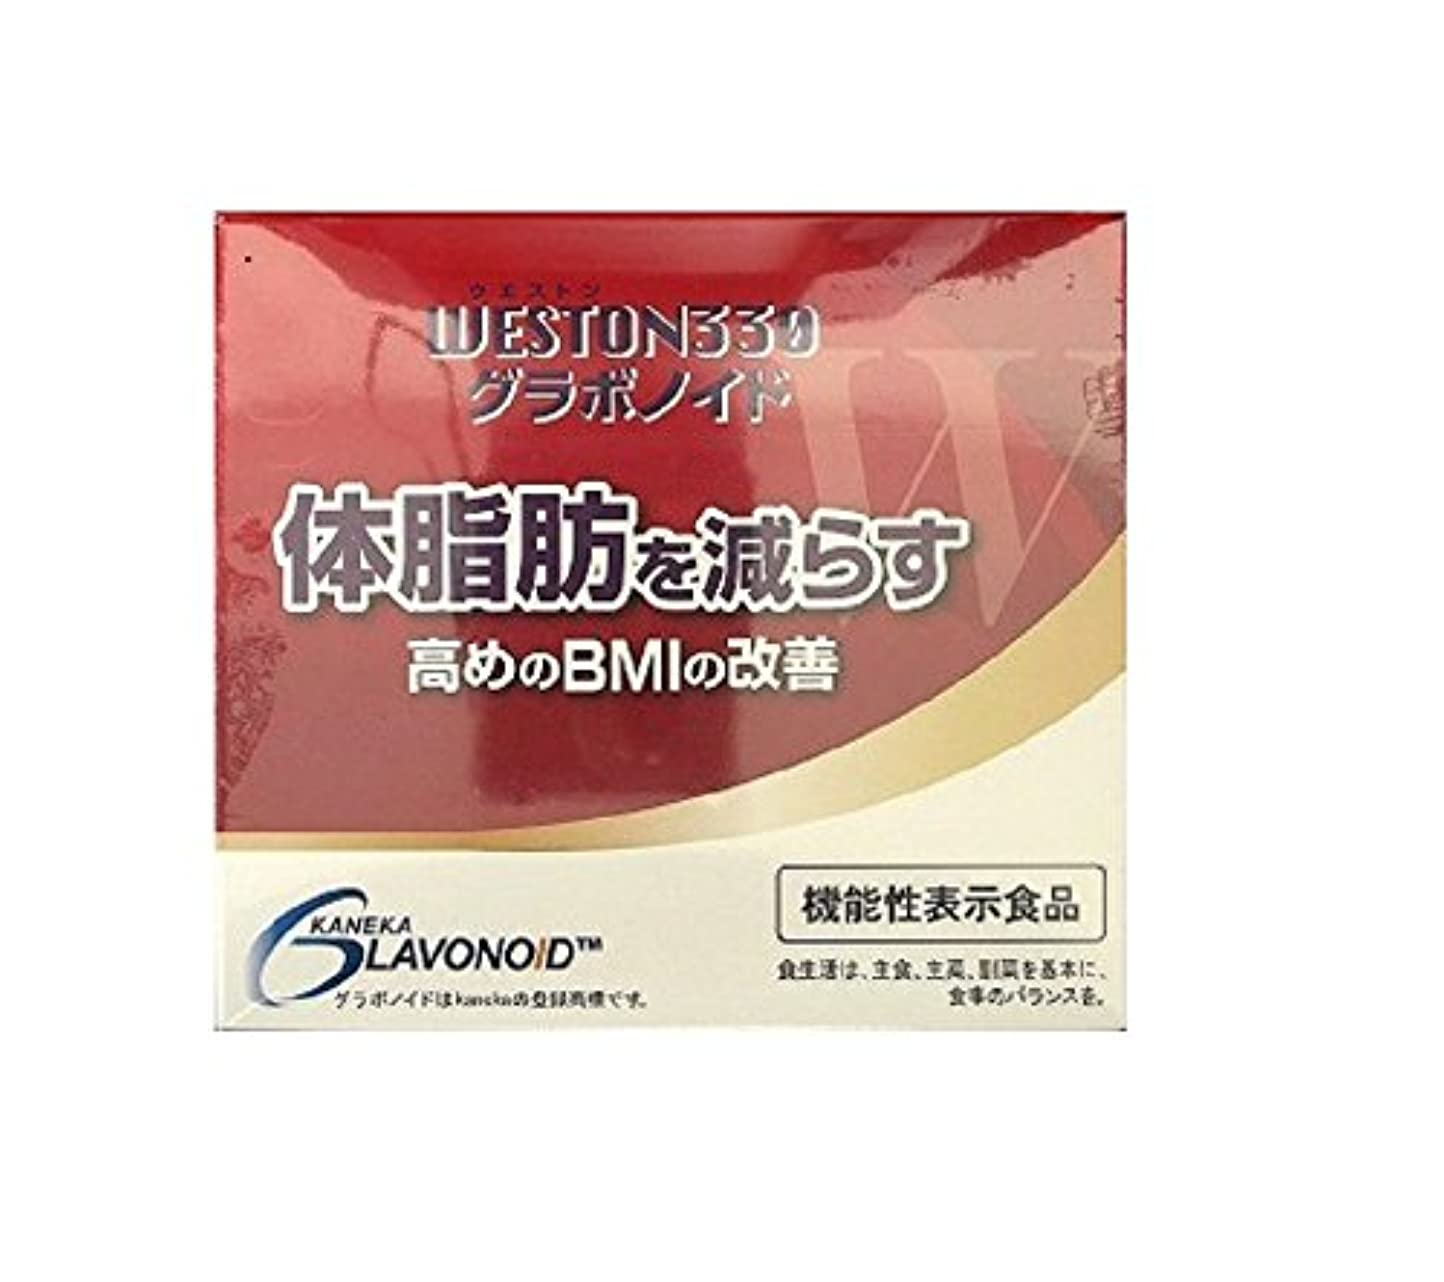 競争召集する感染するリマックスジャパン WESTON330 グラボノイド 60粒 (30日分) [機能性表示食品]